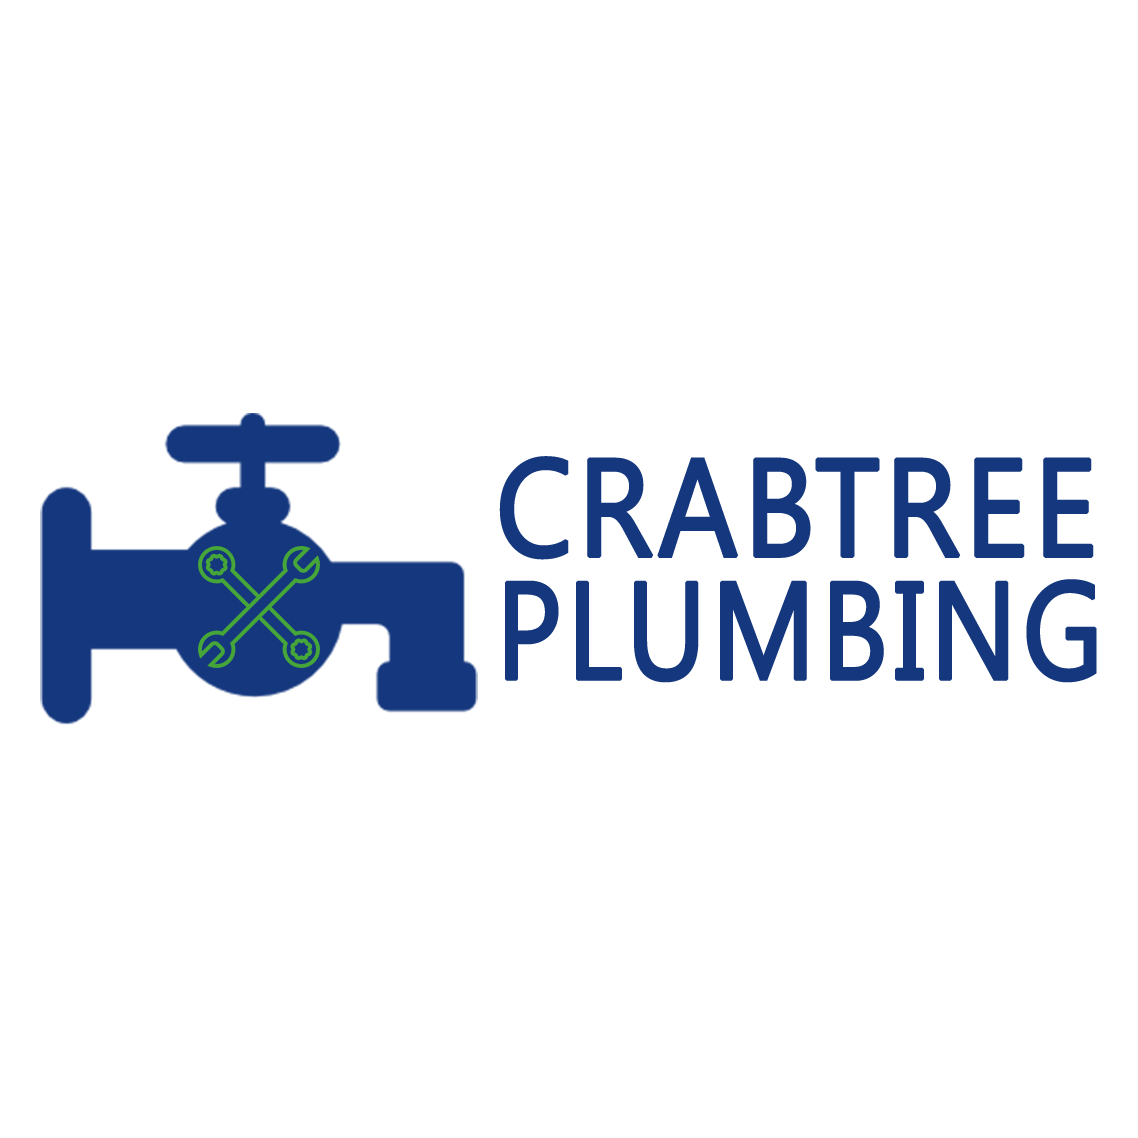 Crabtree Plumbing Logo